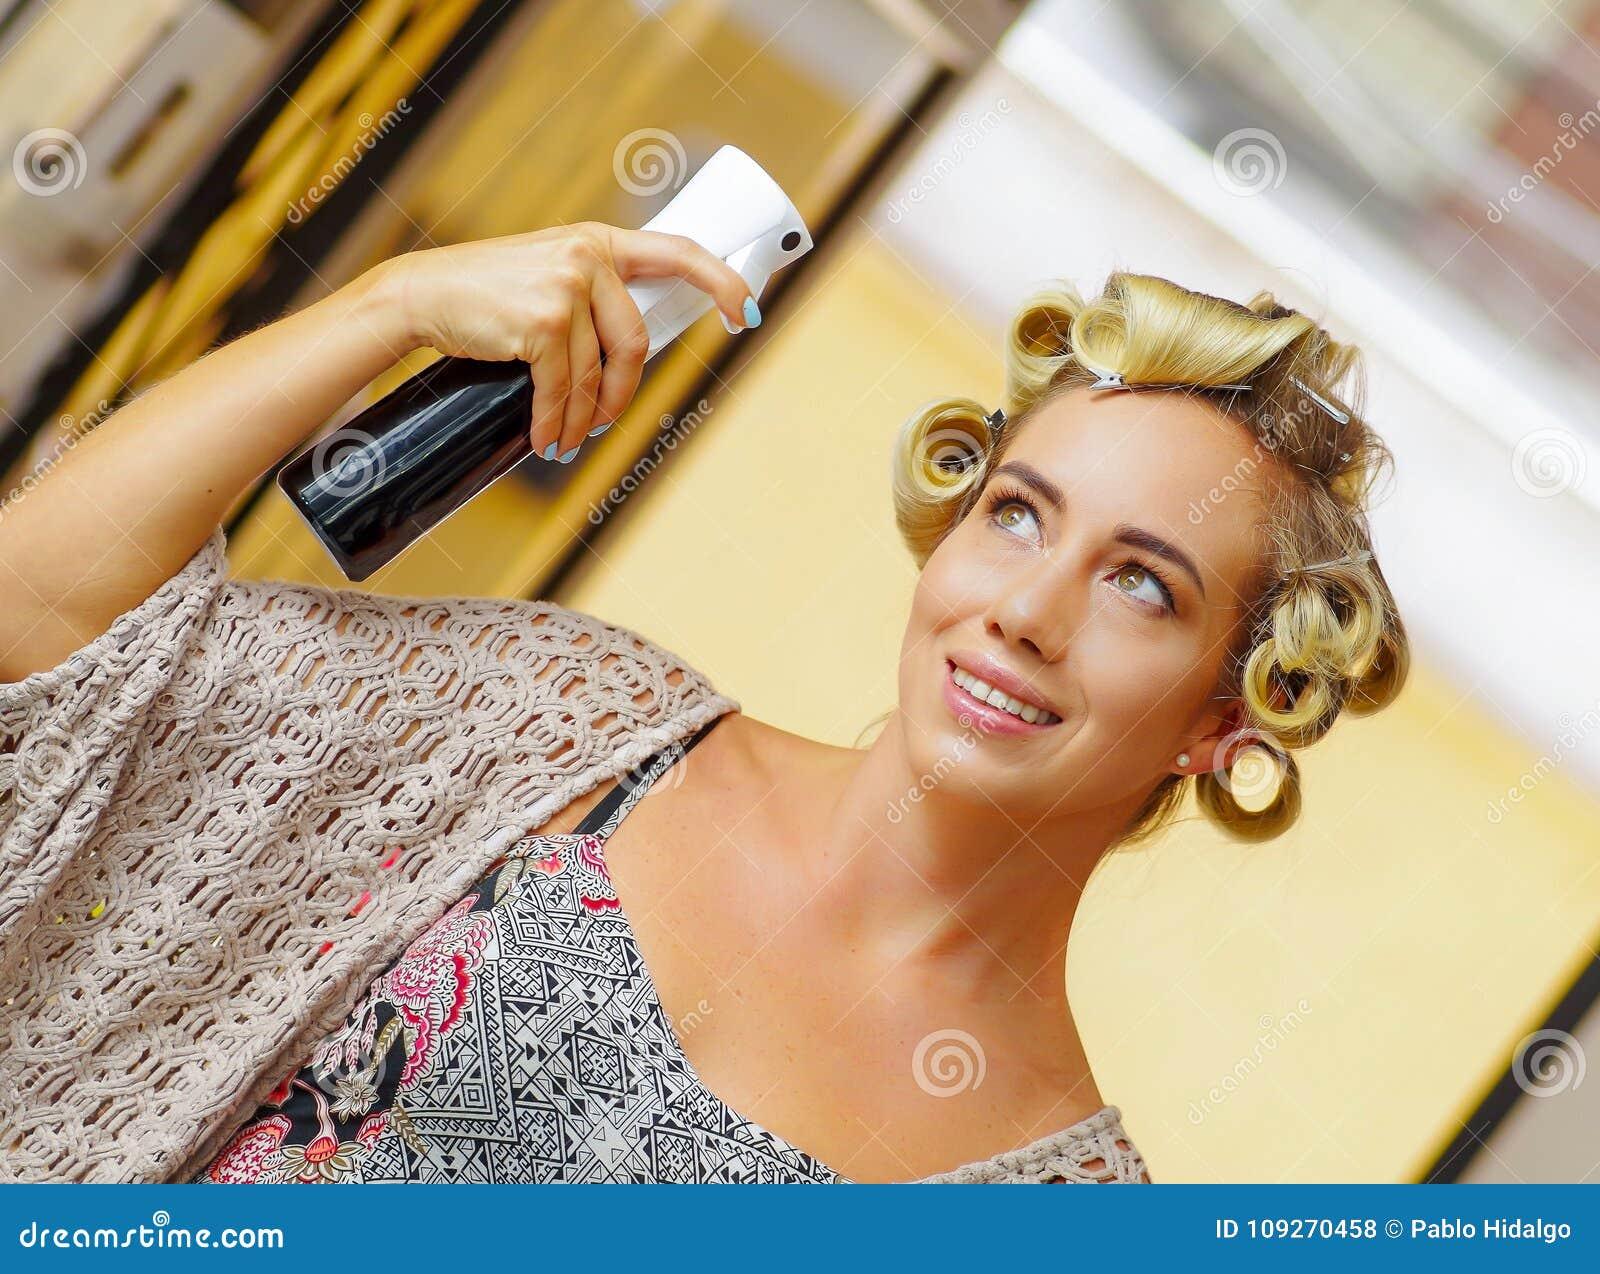 Κλείστε επάνω του νέου ξανθού καθορισμού γυναικών hairstyle με τον ψεκασμό τρίχας hairdressing στο σαλόνι ομορφιάς, σε ένα θολωμέ